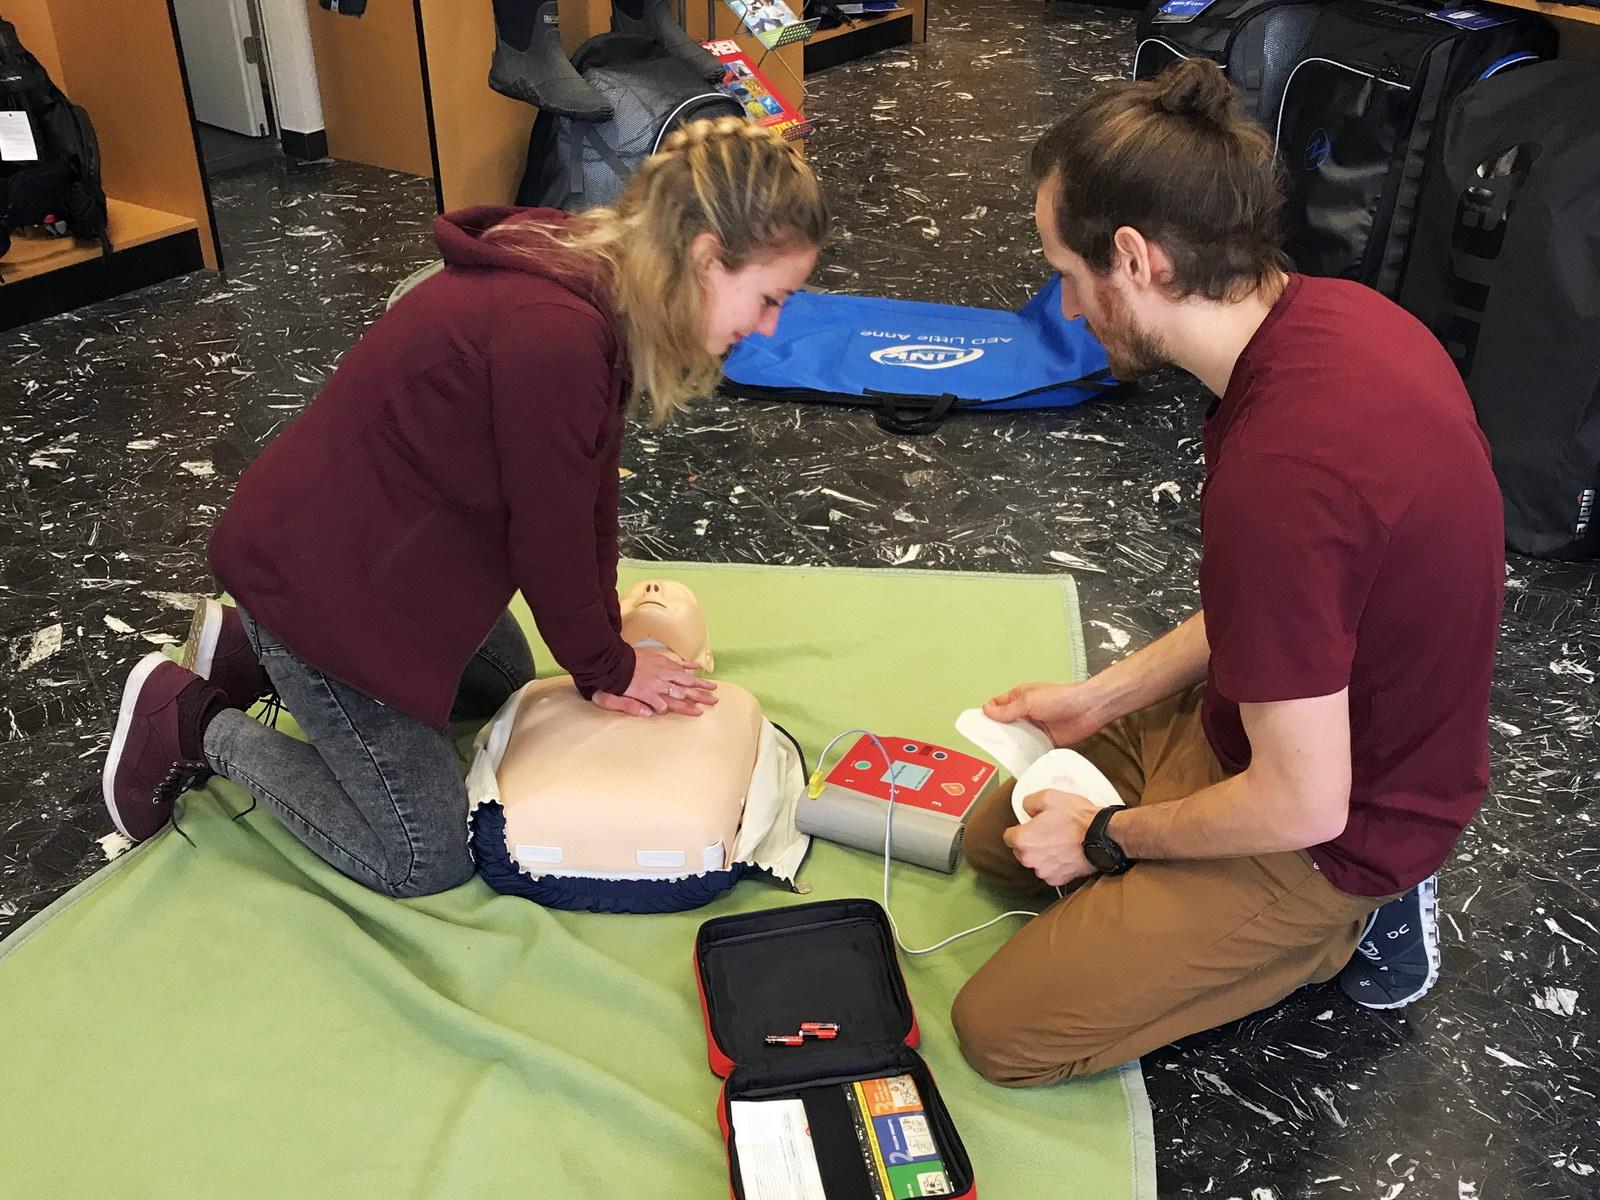 Emergency First Response Teamarbeit